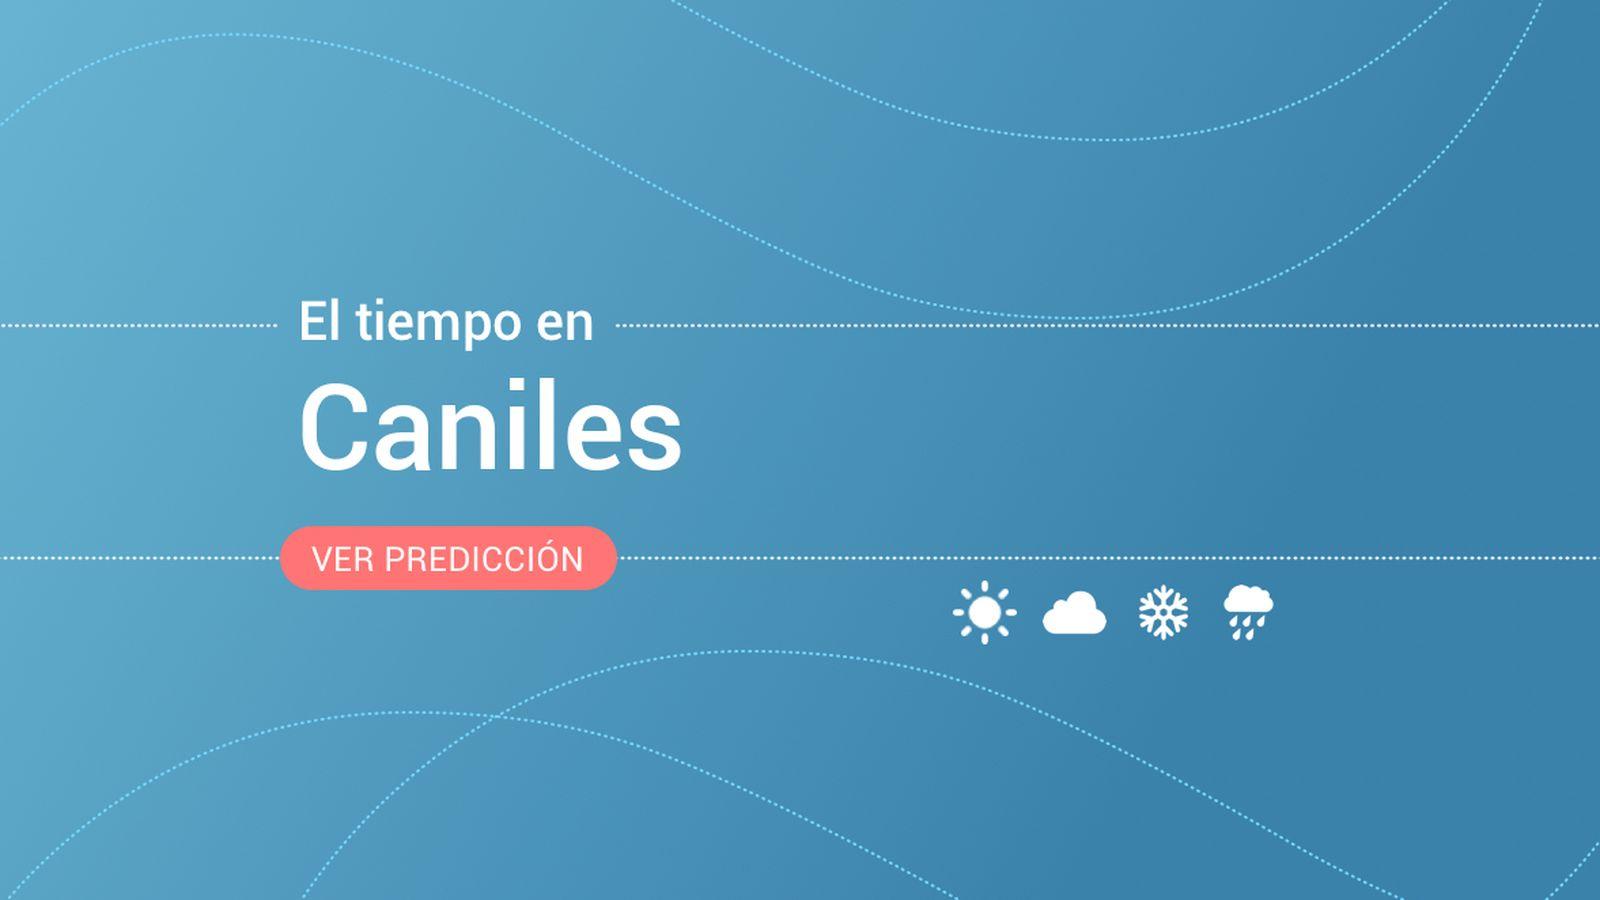 Foto: El tiempo en Caniles. (EC)